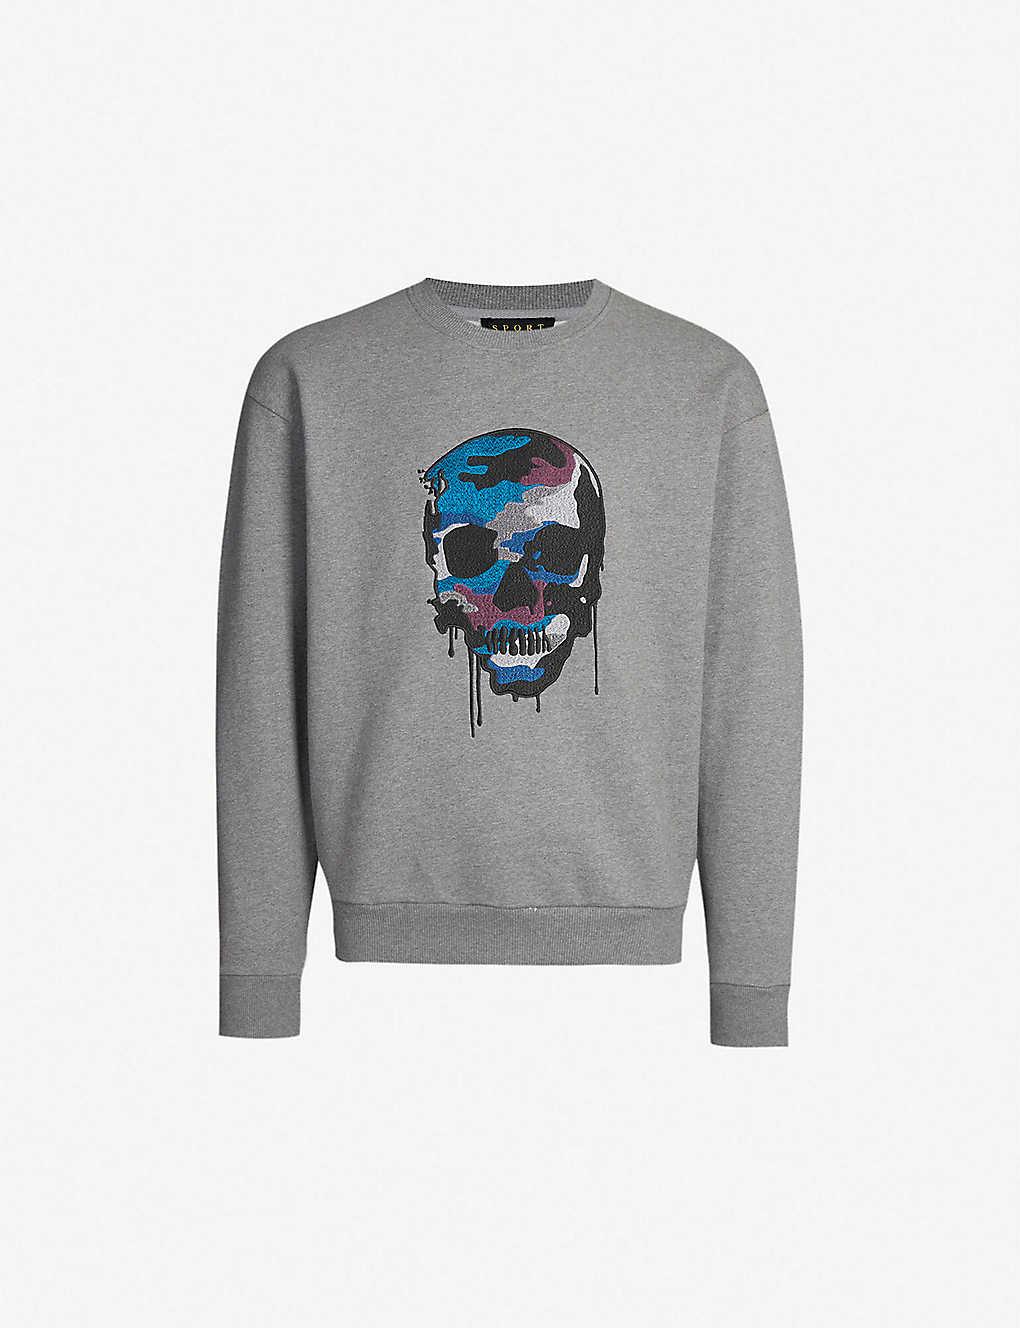 94dc8972740 THE KOOPLES - Skull-print cotton-jersey sweatshirt | Selfridges.com